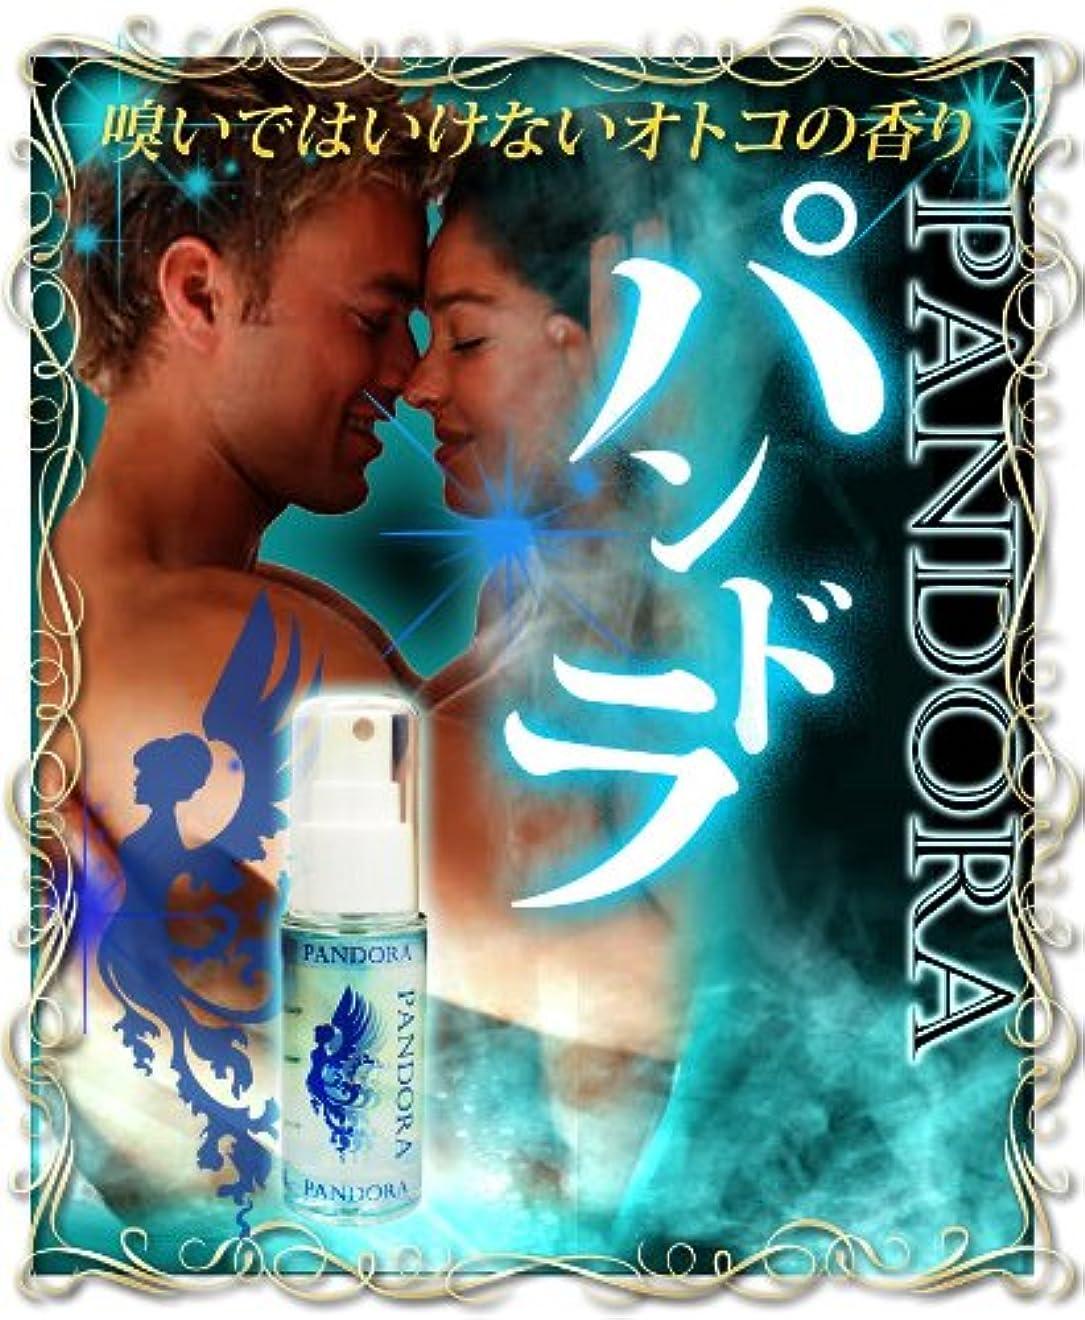 マニアパトロン舗装パンドラ (オスモフェロン濃縮配合 男性用フェロモン香水)